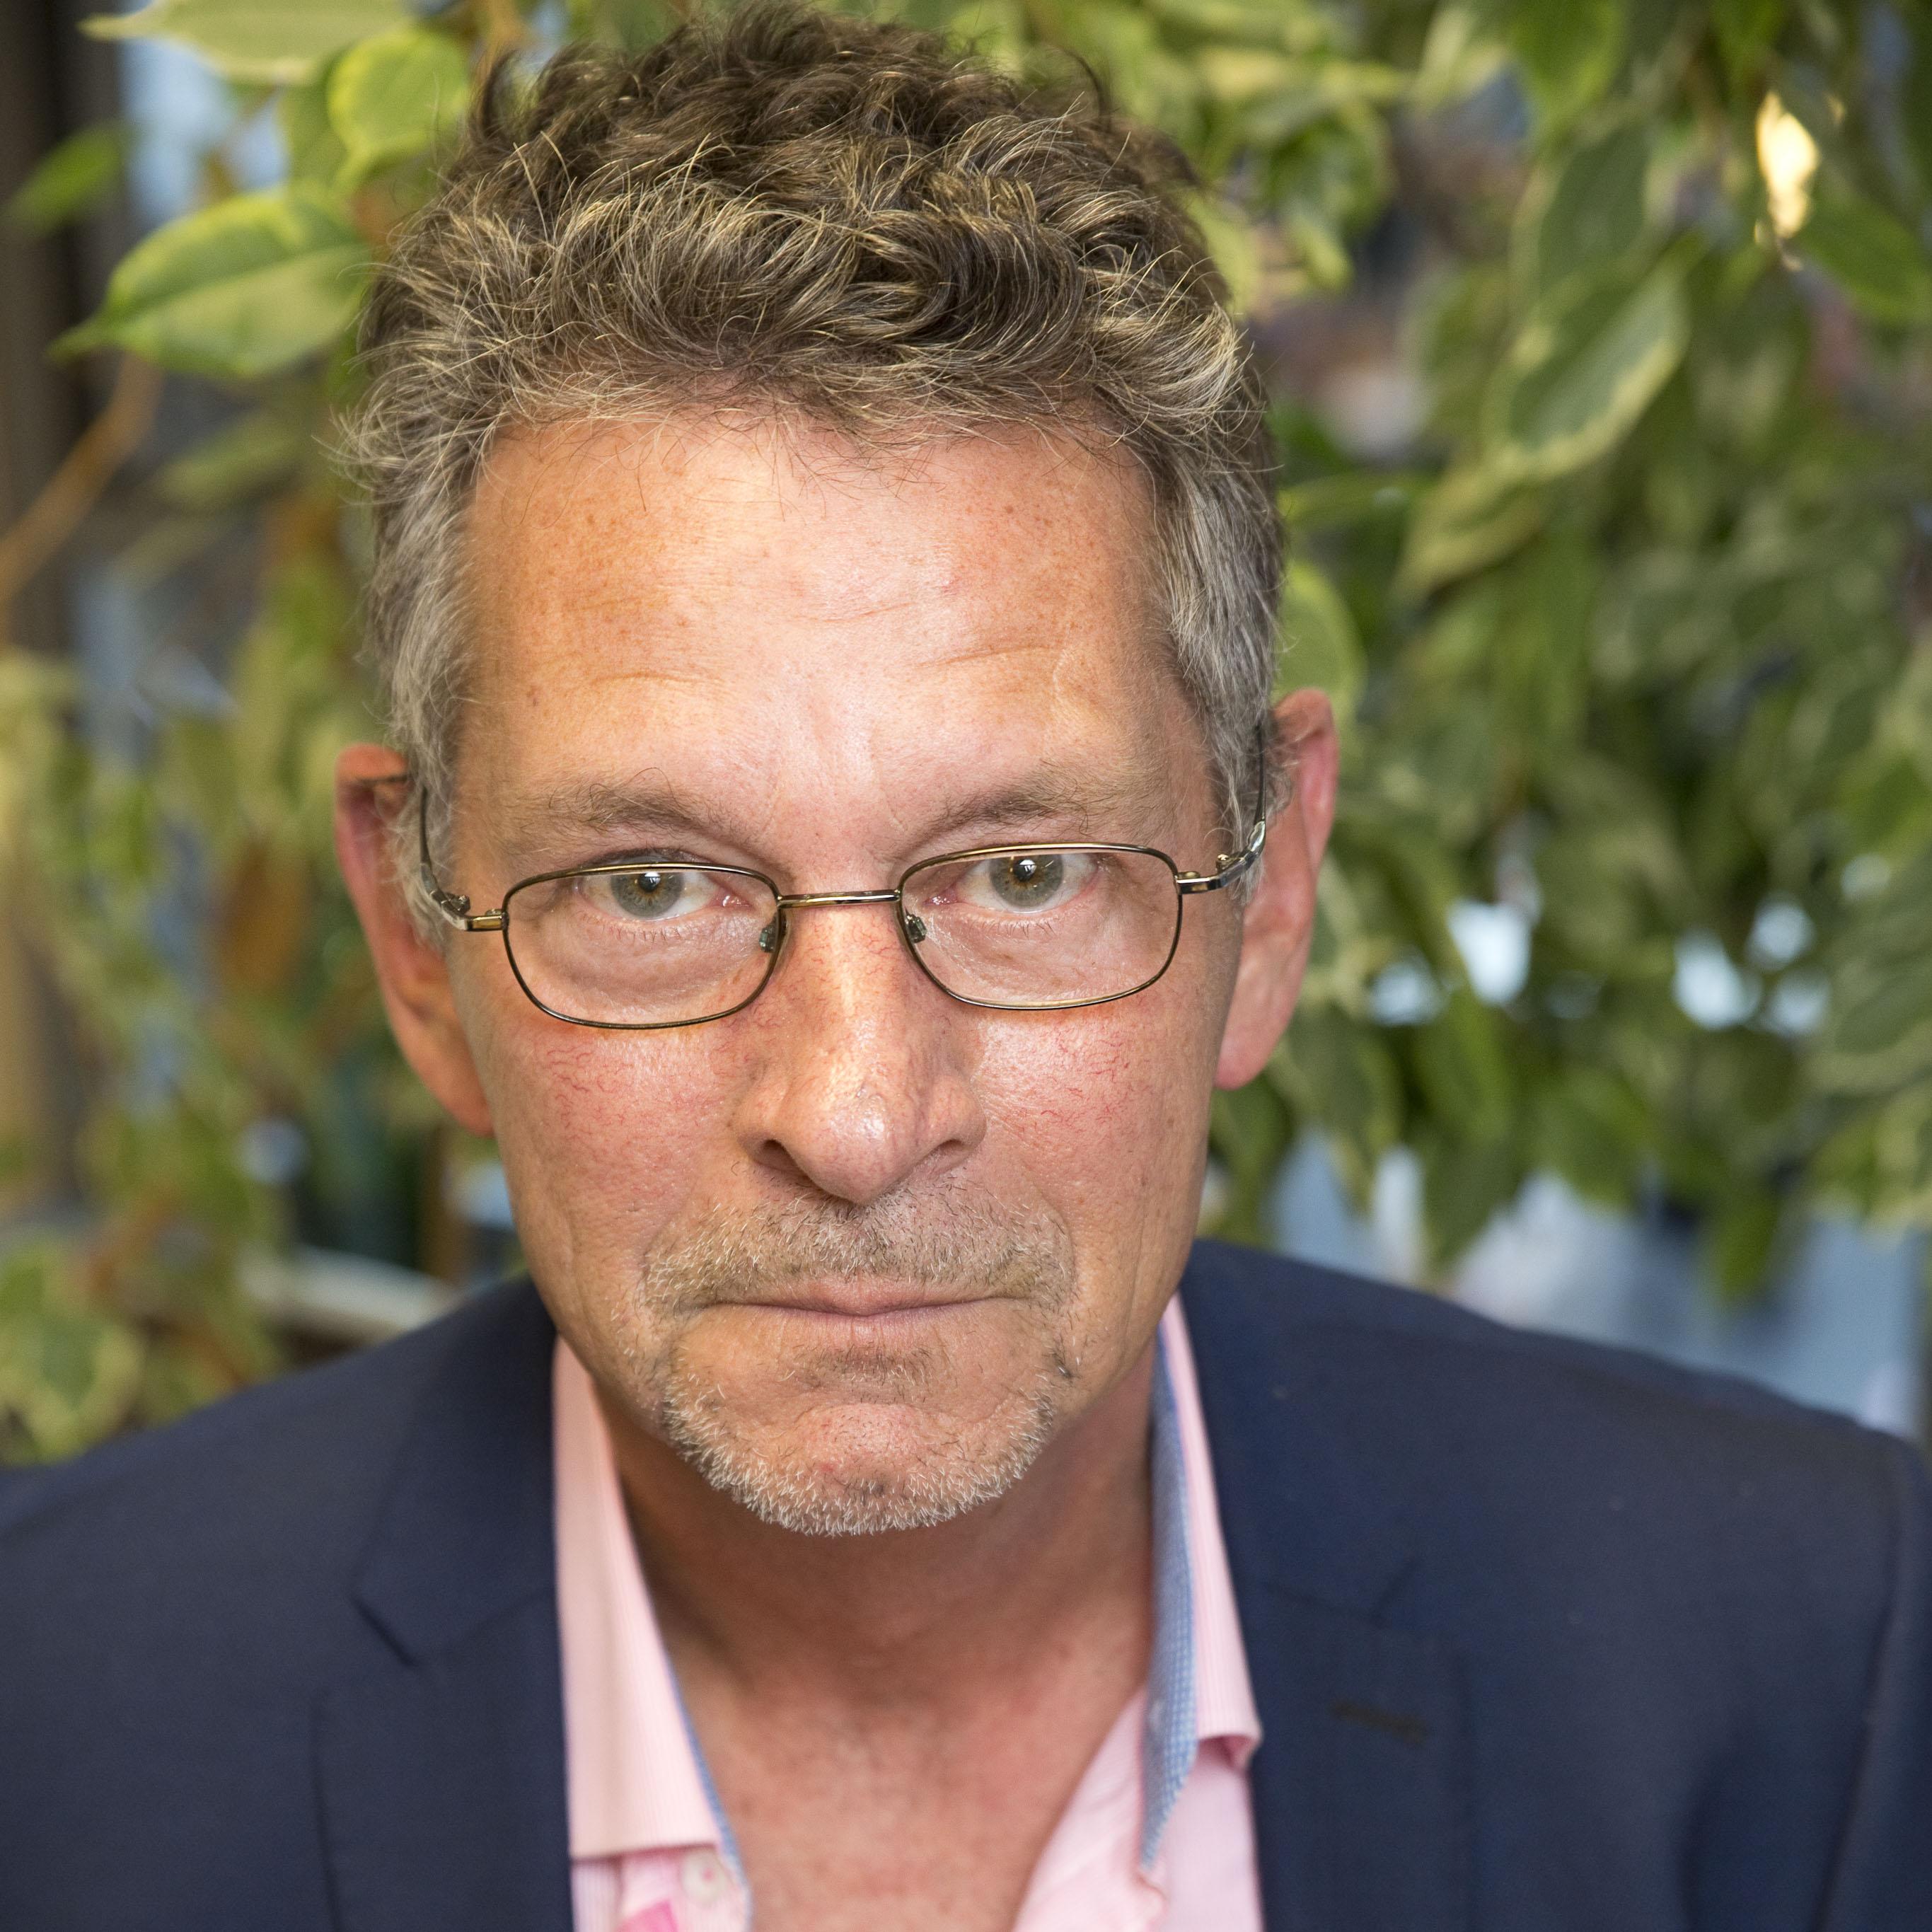 Mathieu Heemelaar (Haagse Hogeschool)